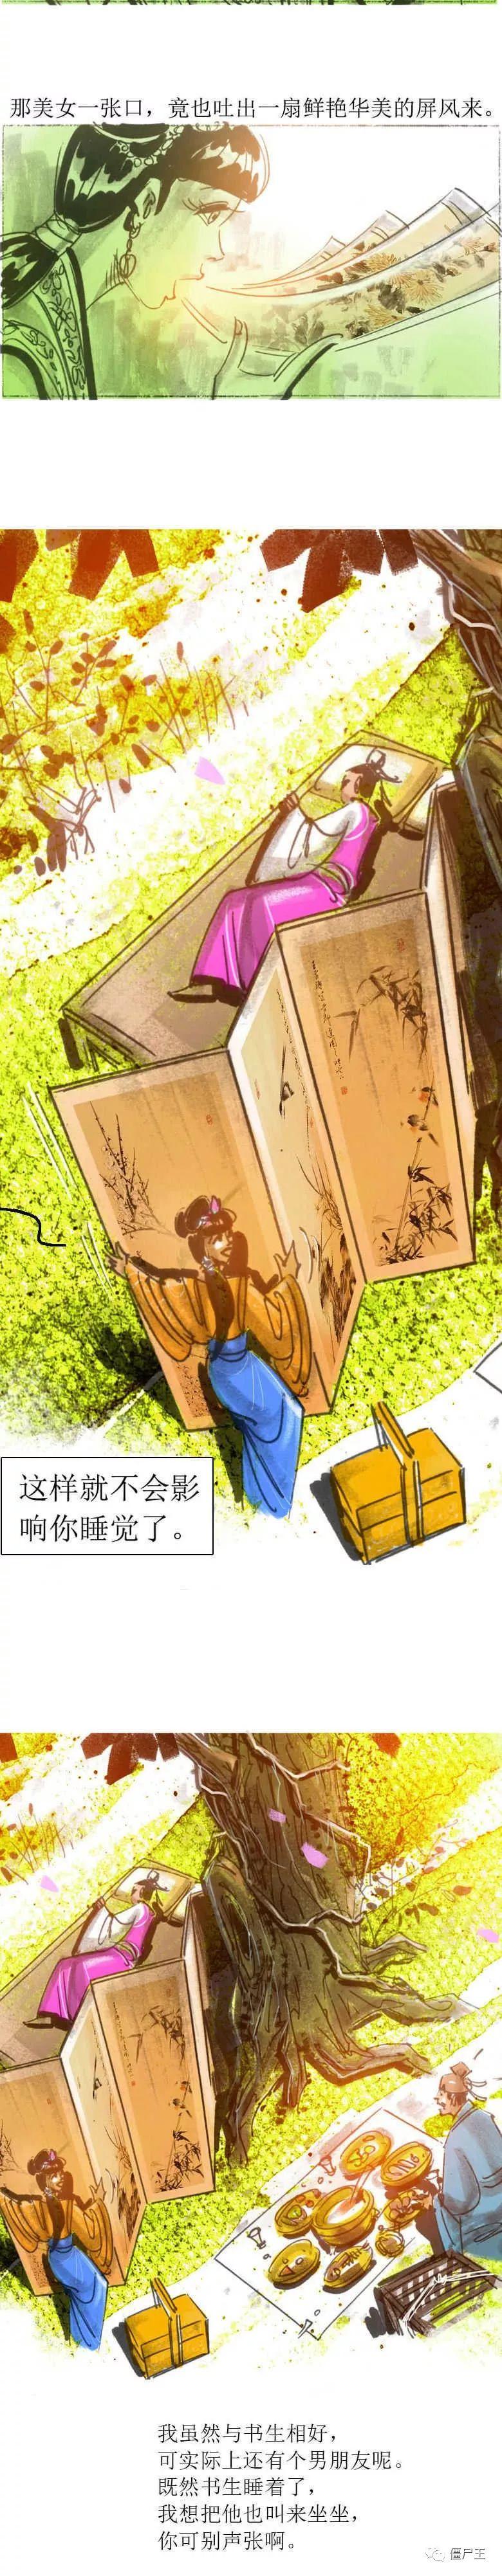 僵尸王漫画:天下奇谭之阳羡书生